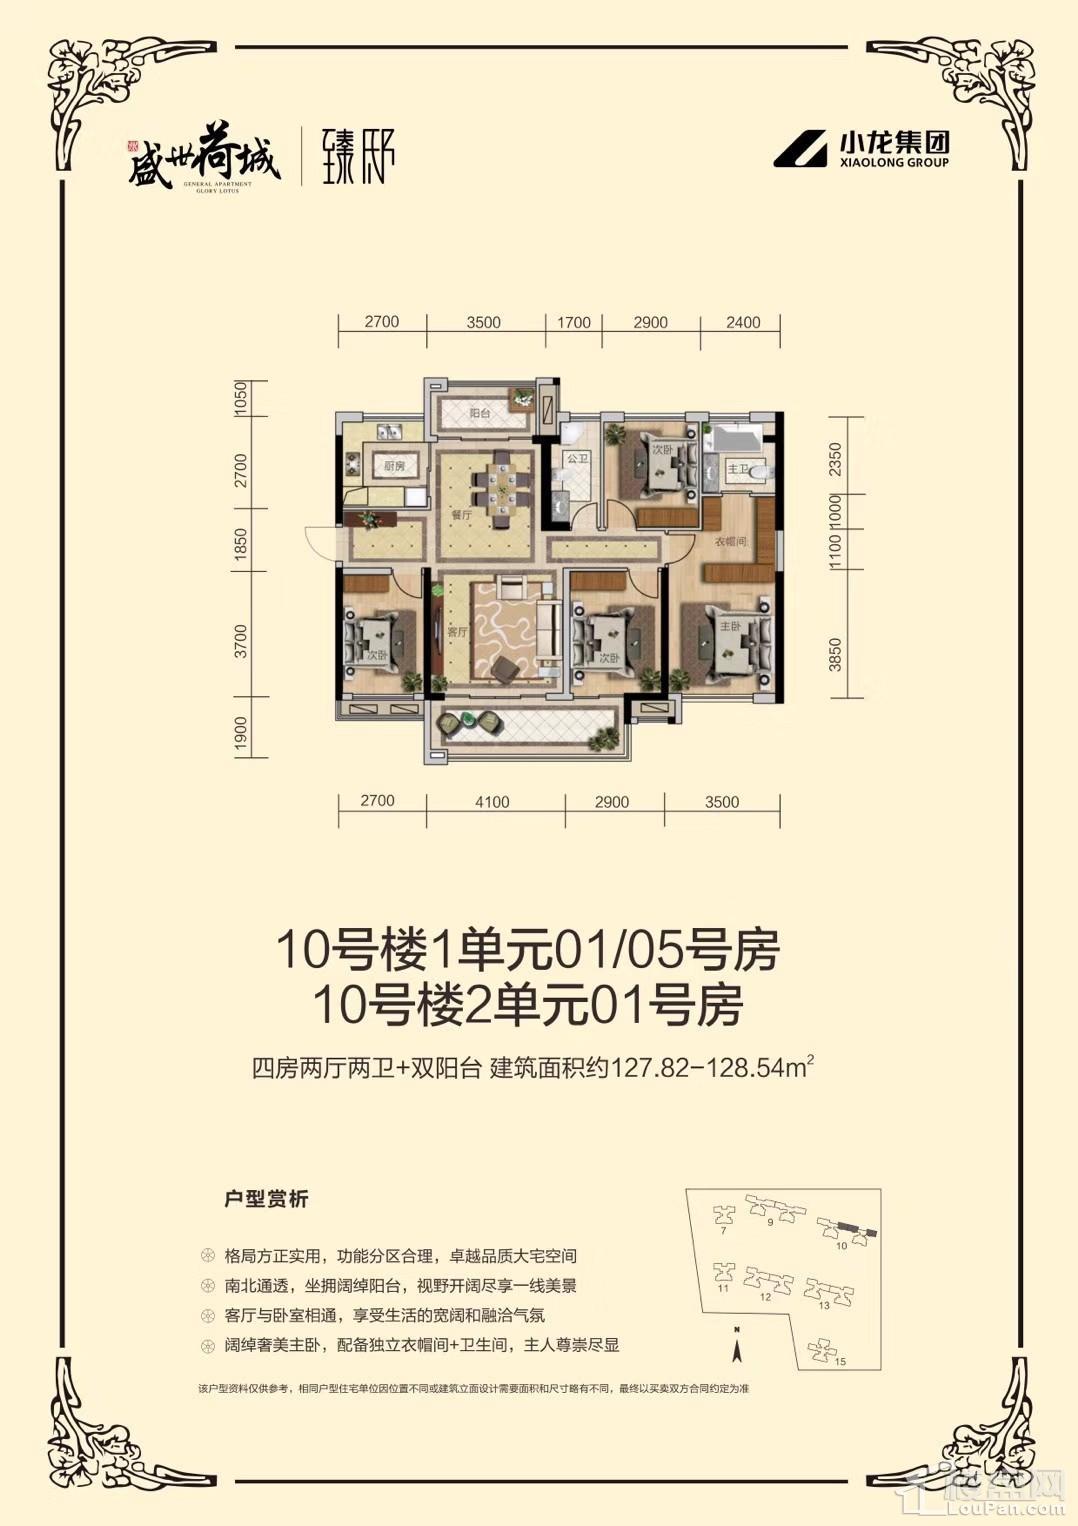 10号楼1单元01/05号房、10号楼2单元01号房